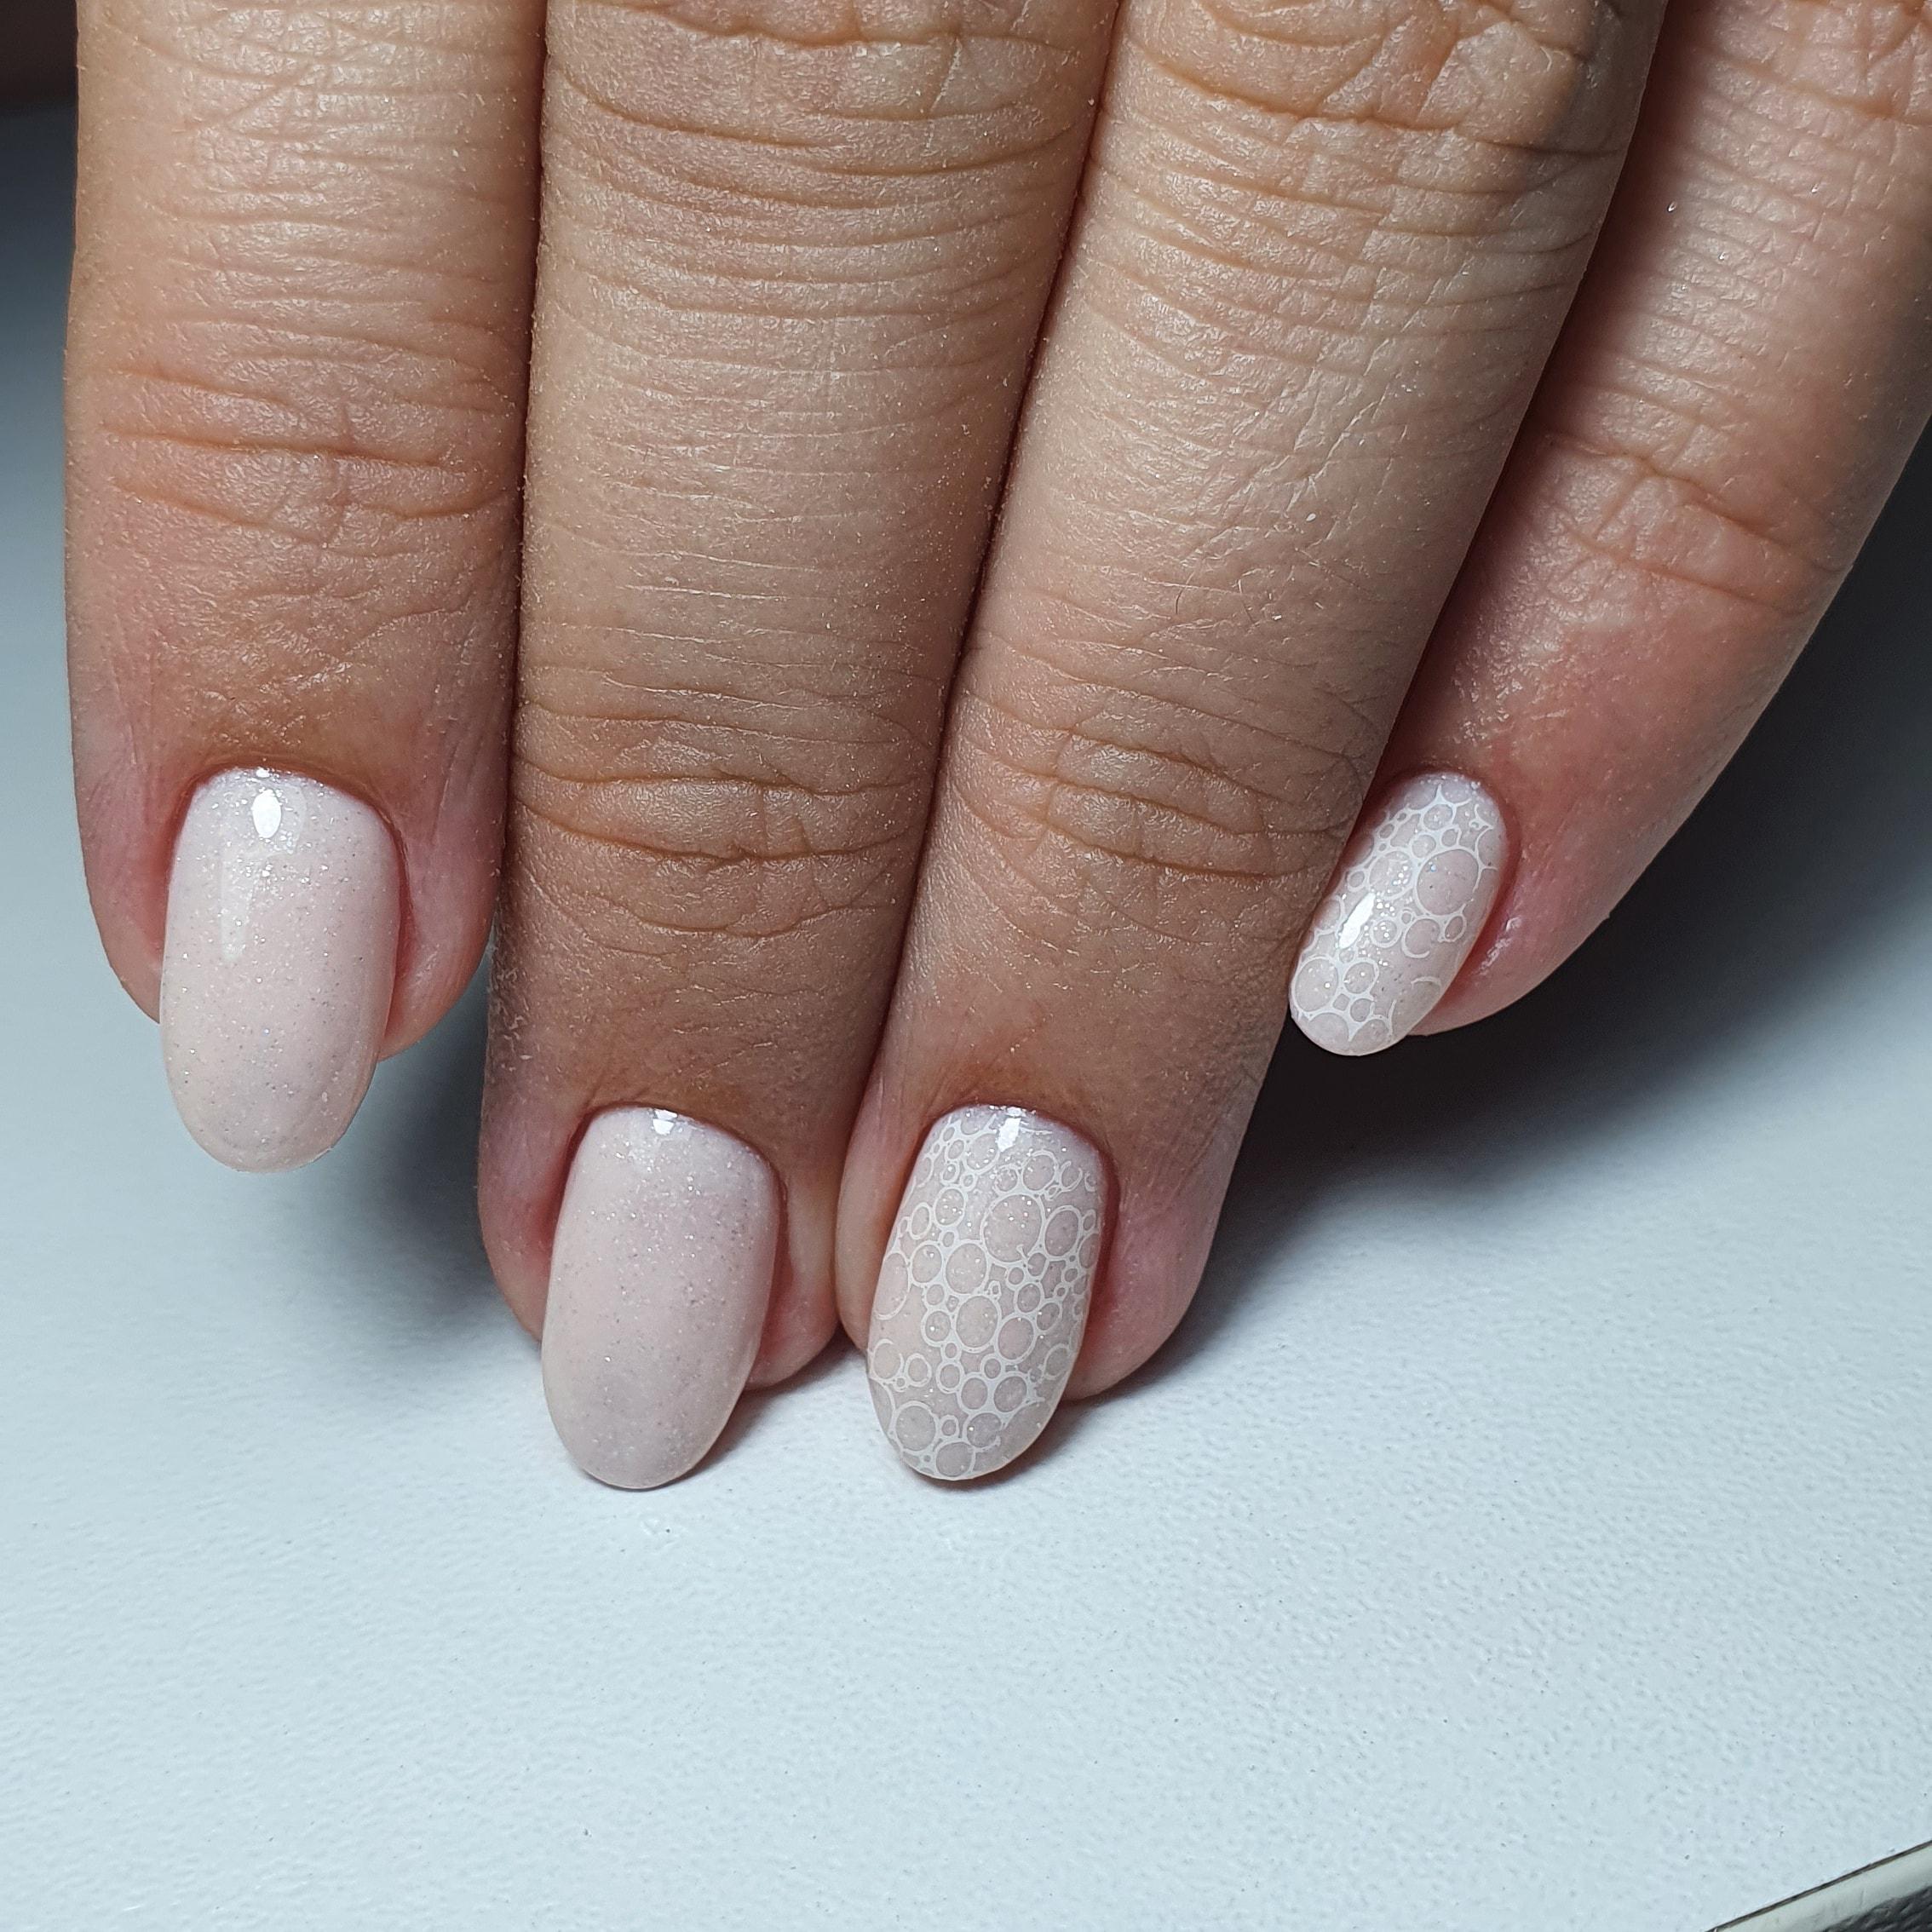 Маникюр с bubble-эффектом в молочном цвете на короткие ногти.